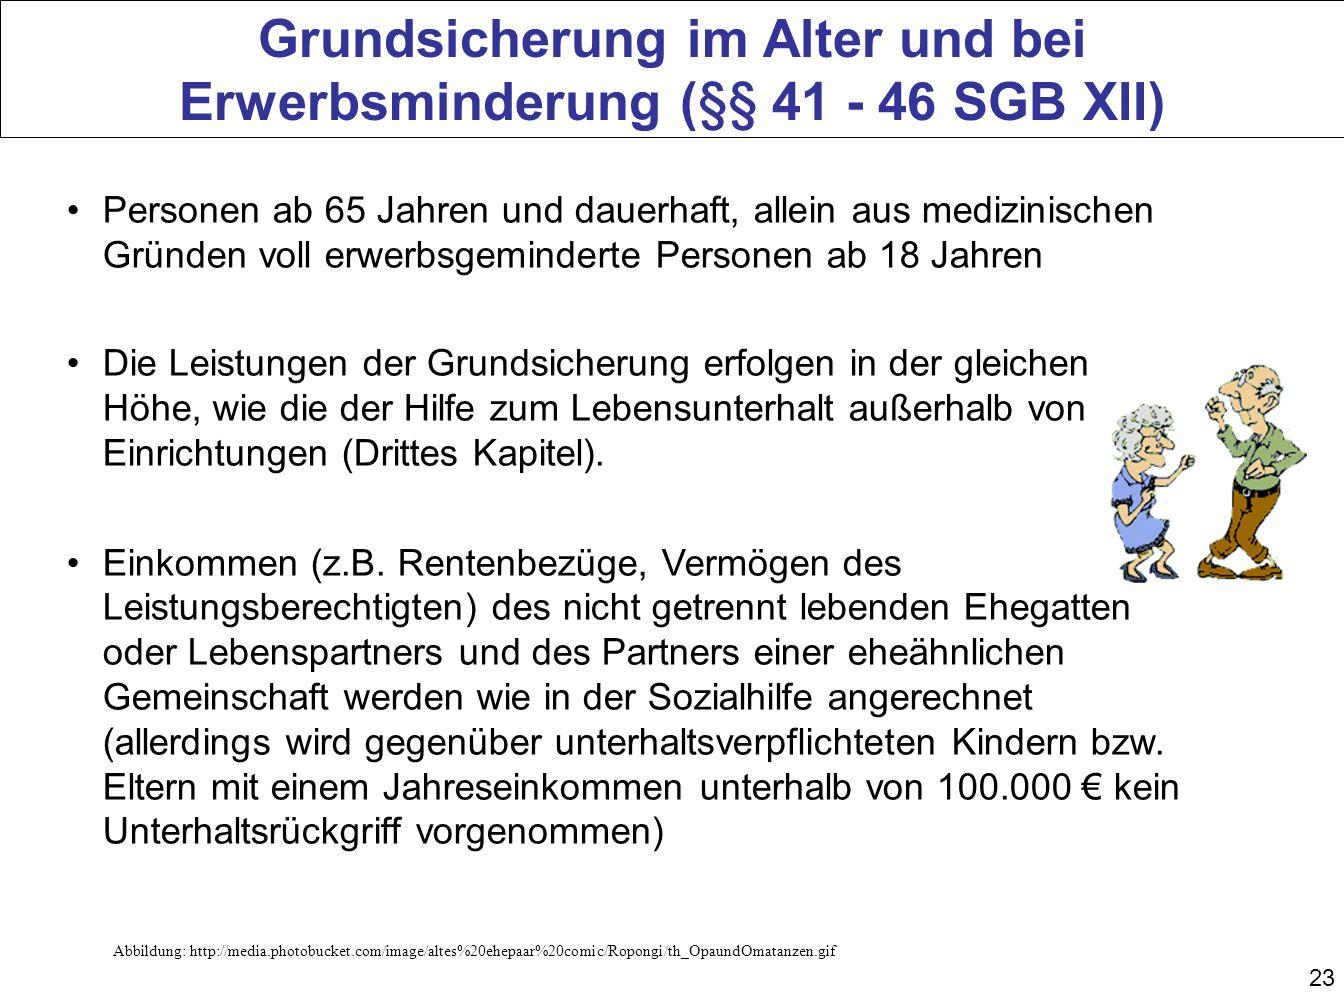 Grundsicherung im Alter und bei Erwerbsminderung (§§ 41 - 46 SGB XII)